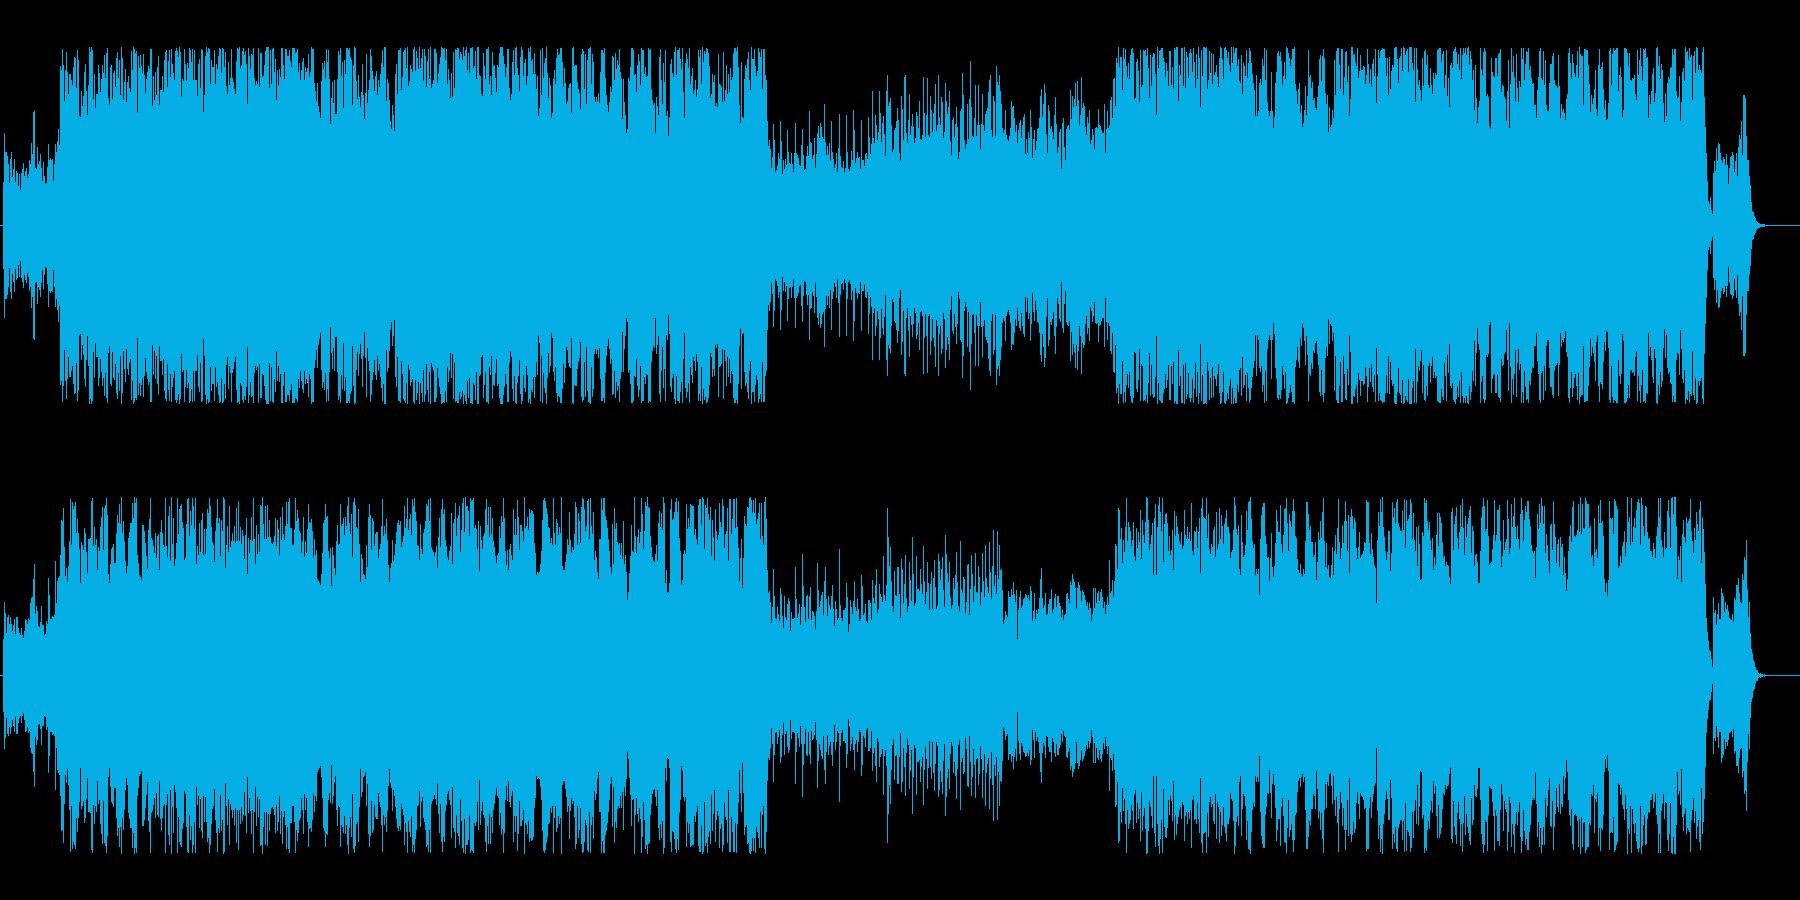 映画音楽風・壮大なケルトオーケストラの再生済みの波形